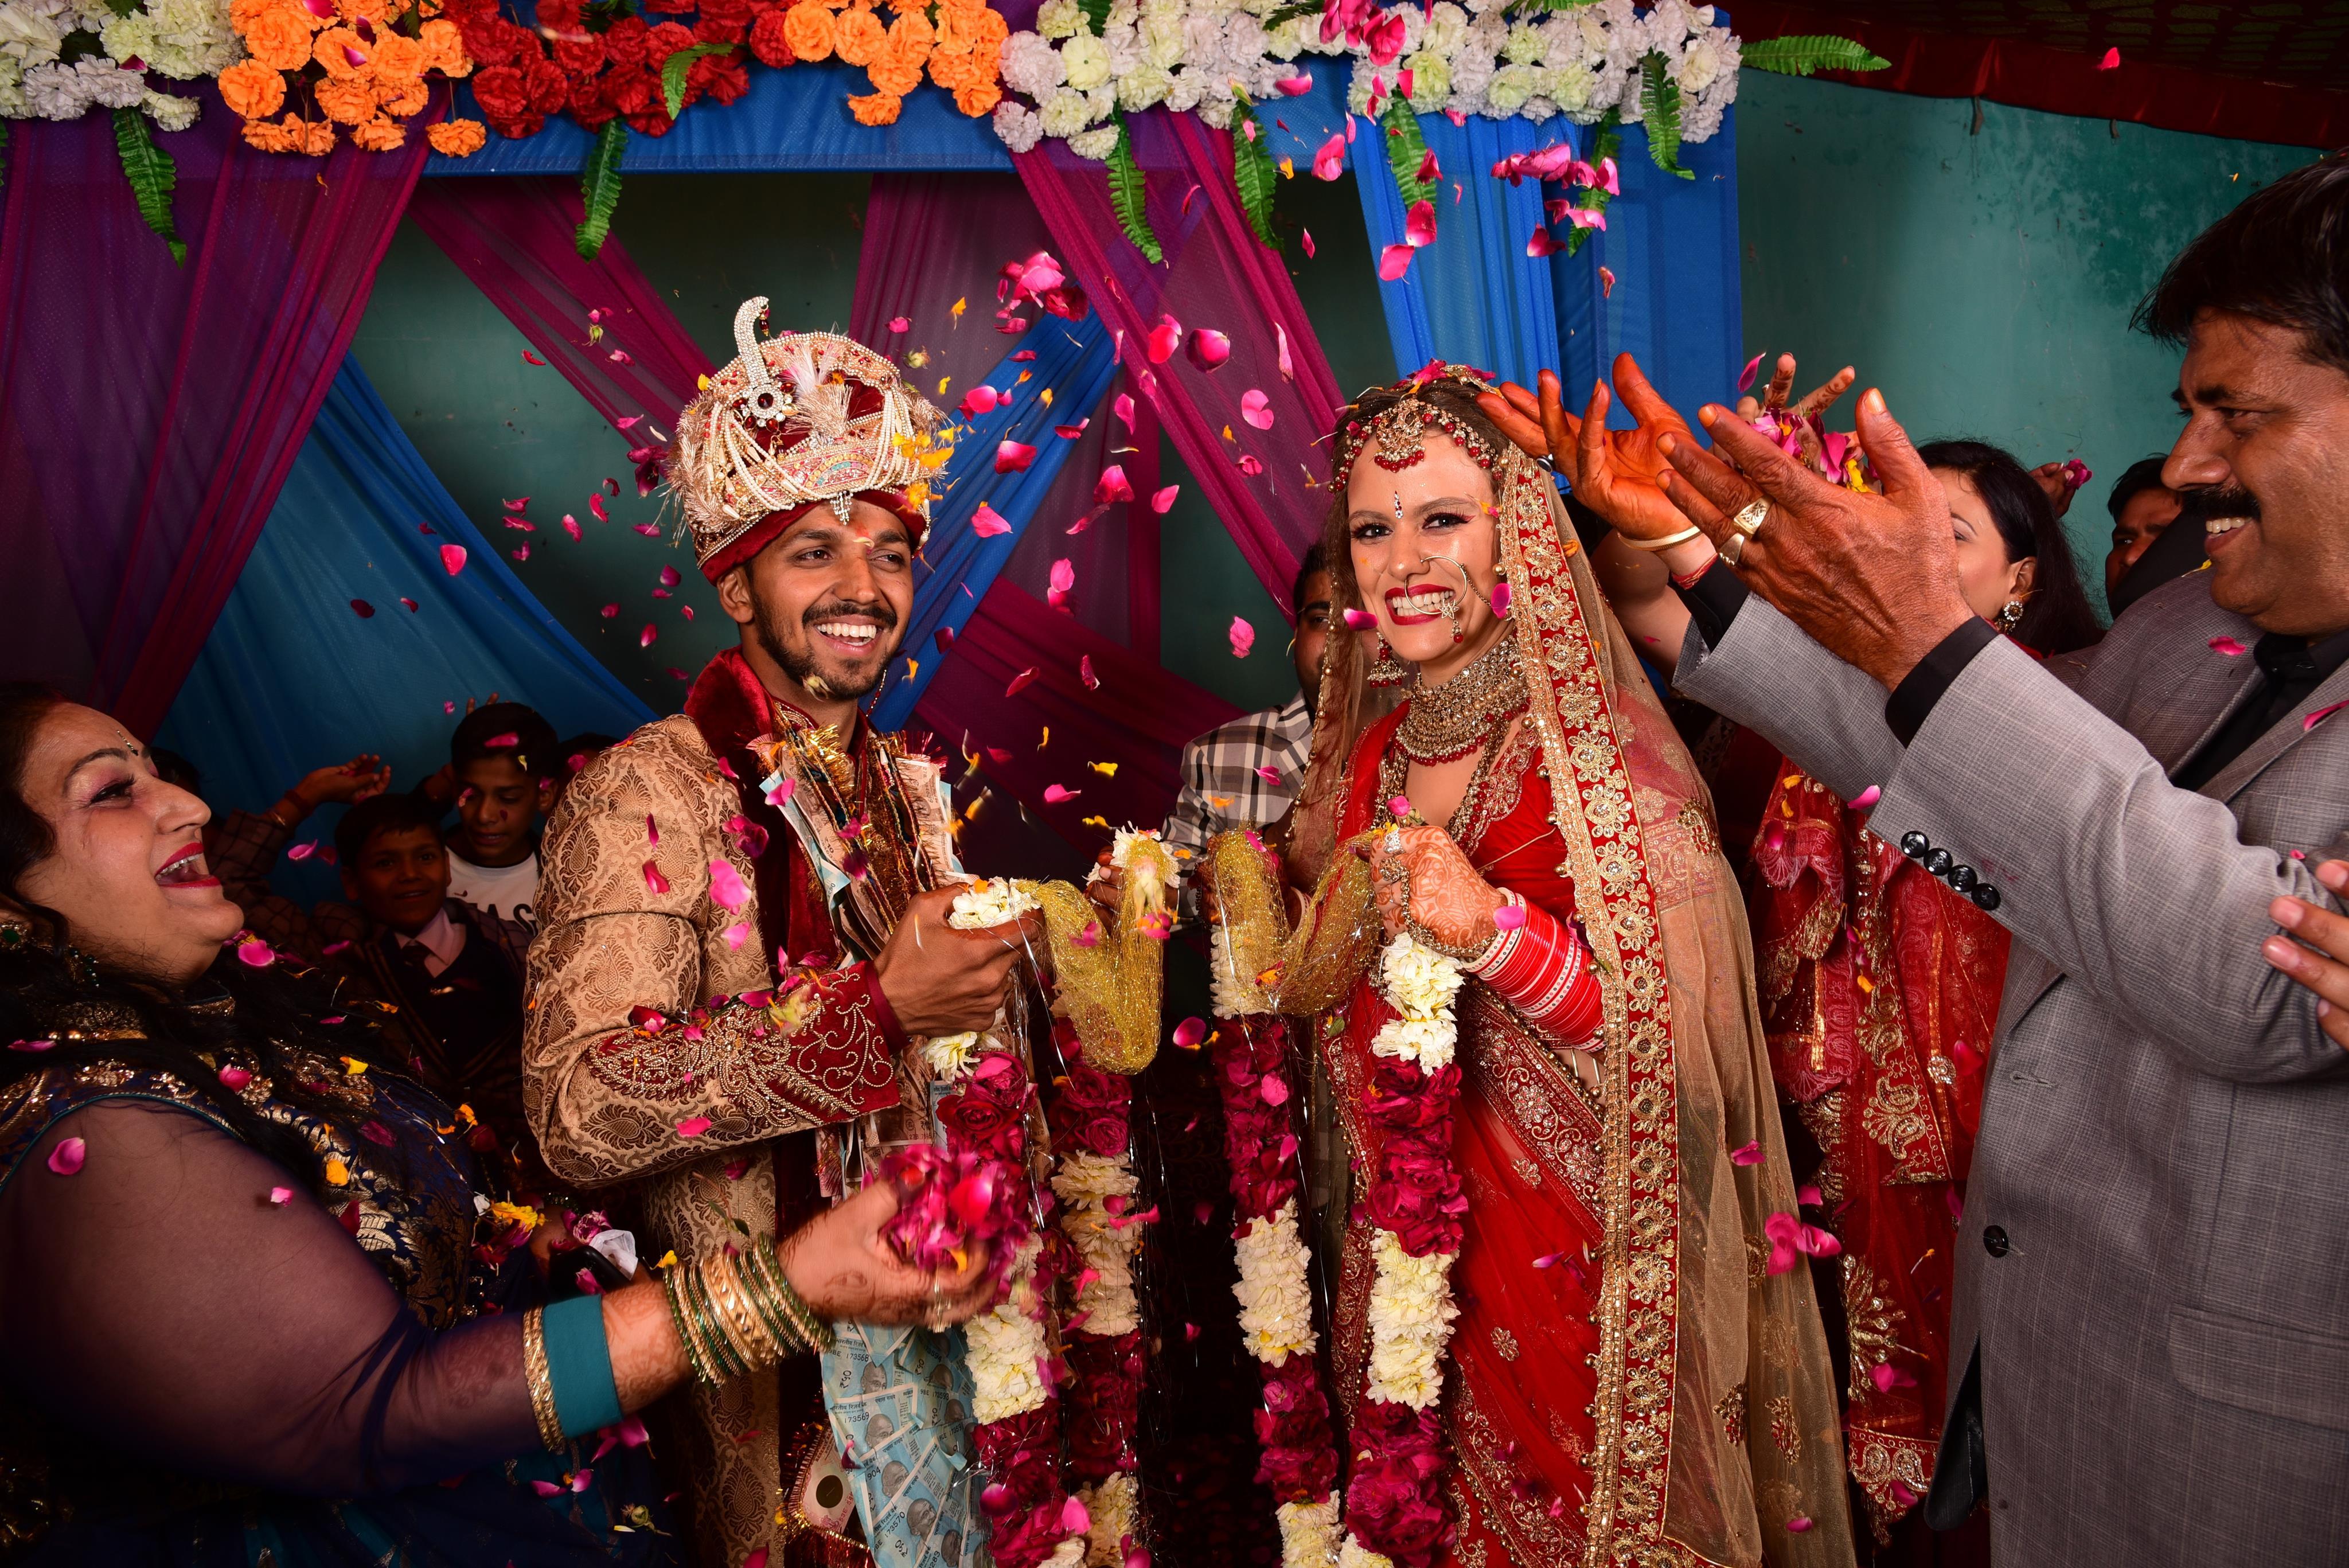 e90093d28a A menyasszony piros szárit visel az esküvőn, ez a jószerencsét  szimbolizálja.